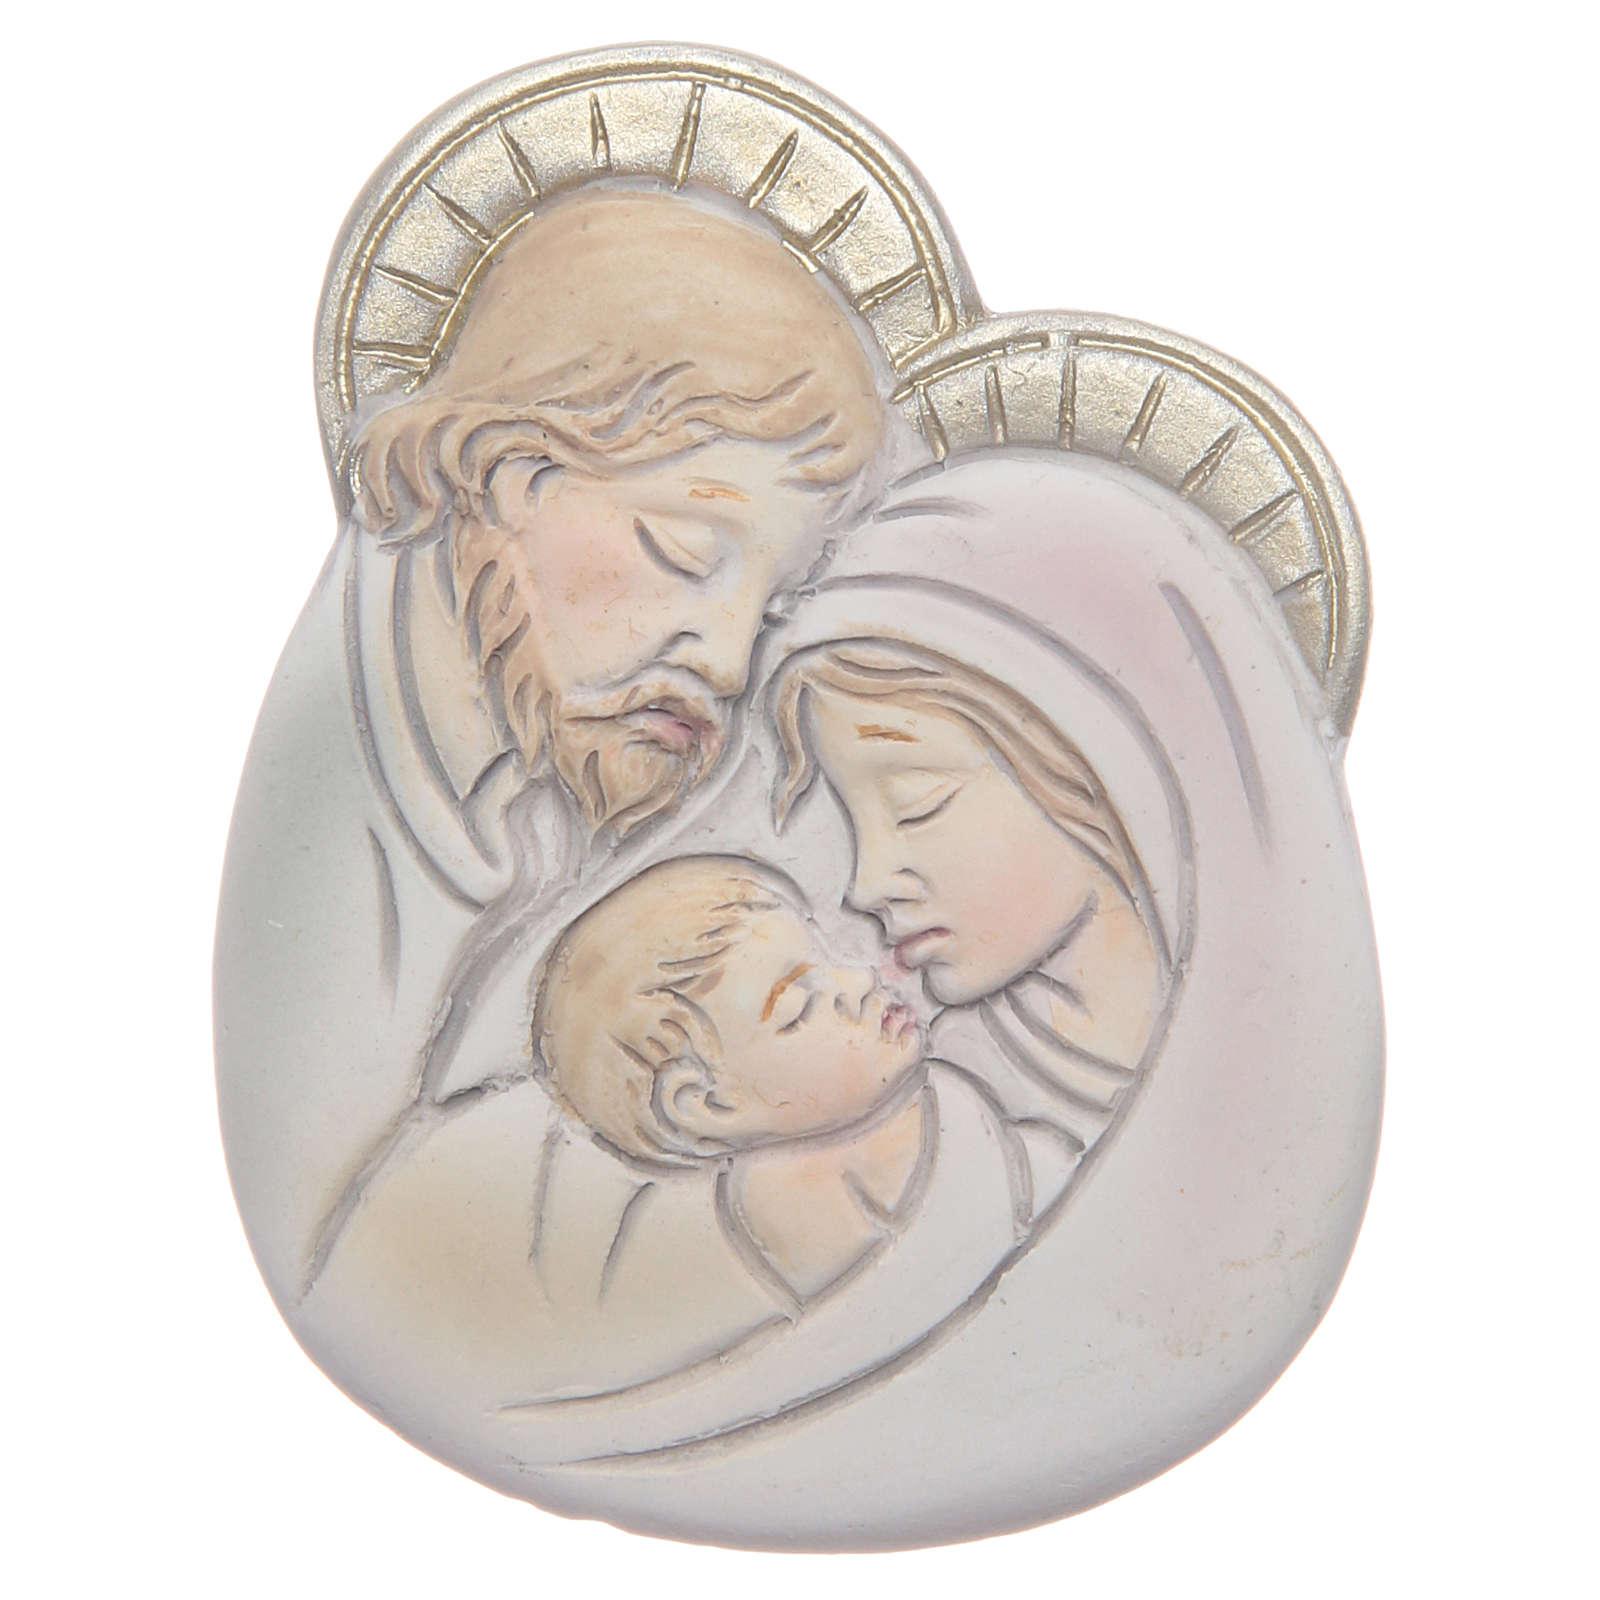 Ricordino Applicazione Sacra Famiglia 3x4 cm 3